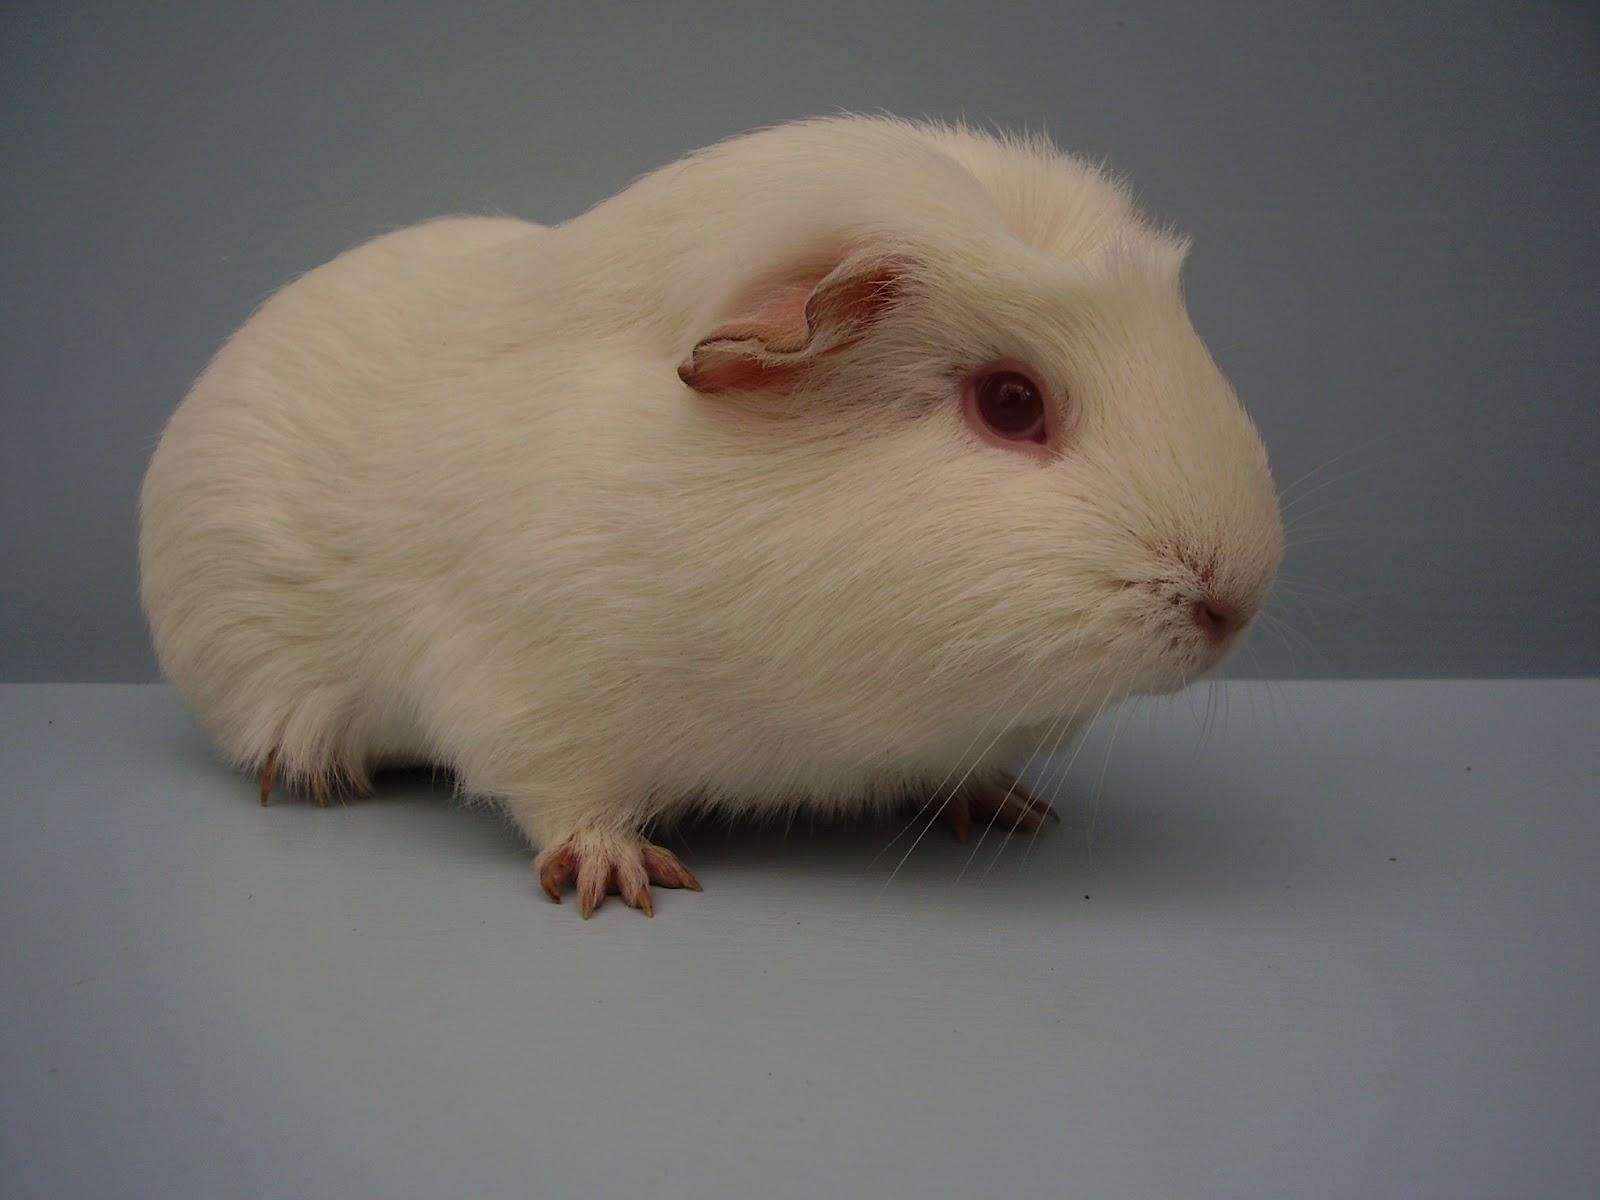 4 Live Guinea Pig Web Cams & Blog